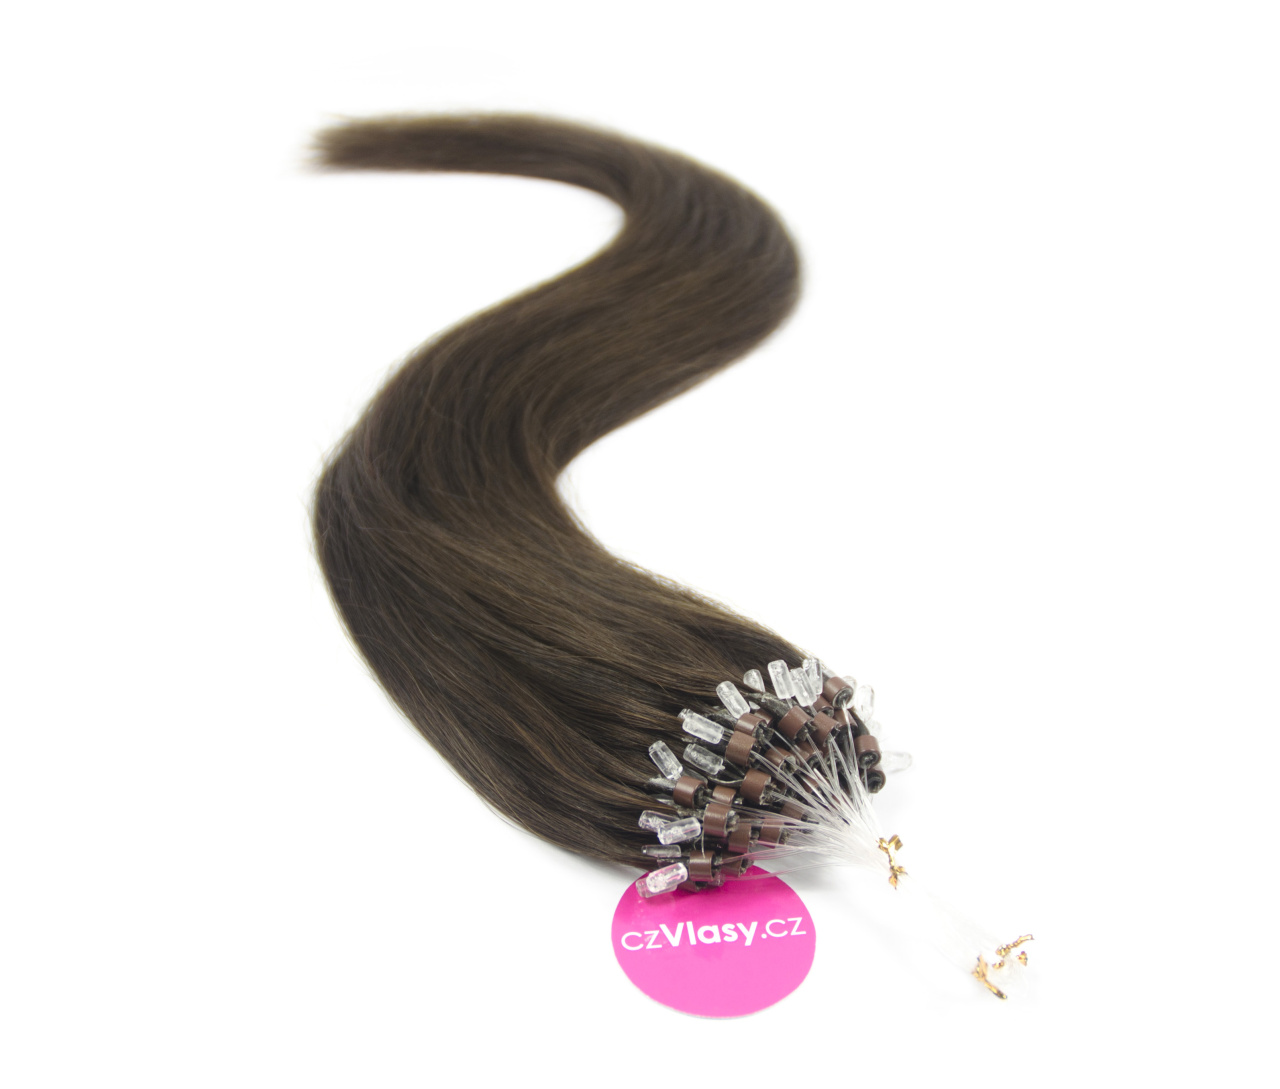 Indické vlasy na metodu micro-ring odstín 2 Délka: 60 cm, Hmotnost: 1 g/pramínek, REMY